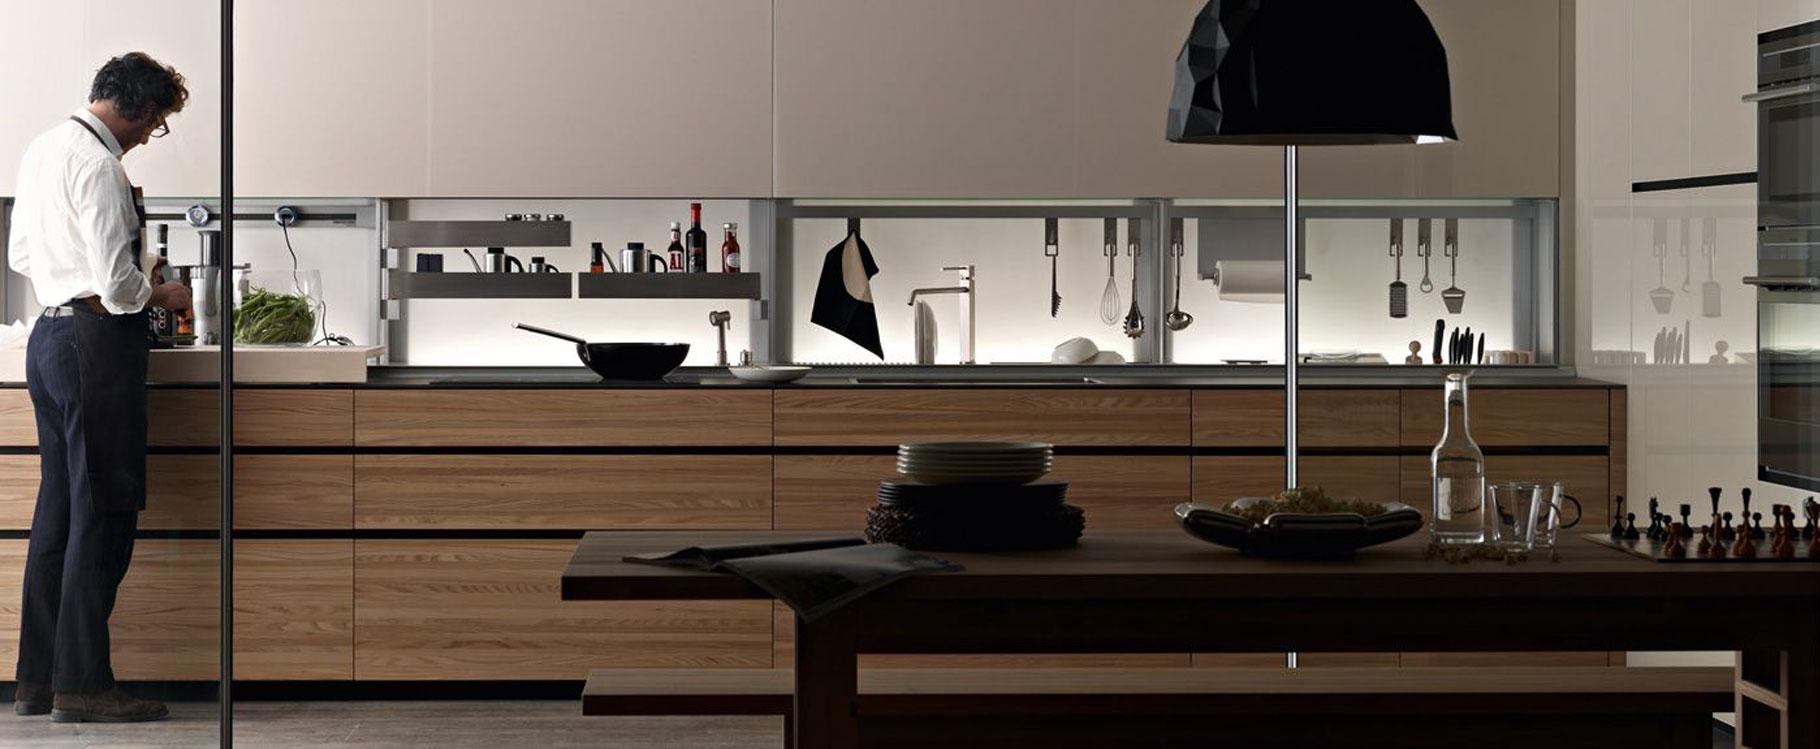 Cucine vetro Milano, Cucine in vetro